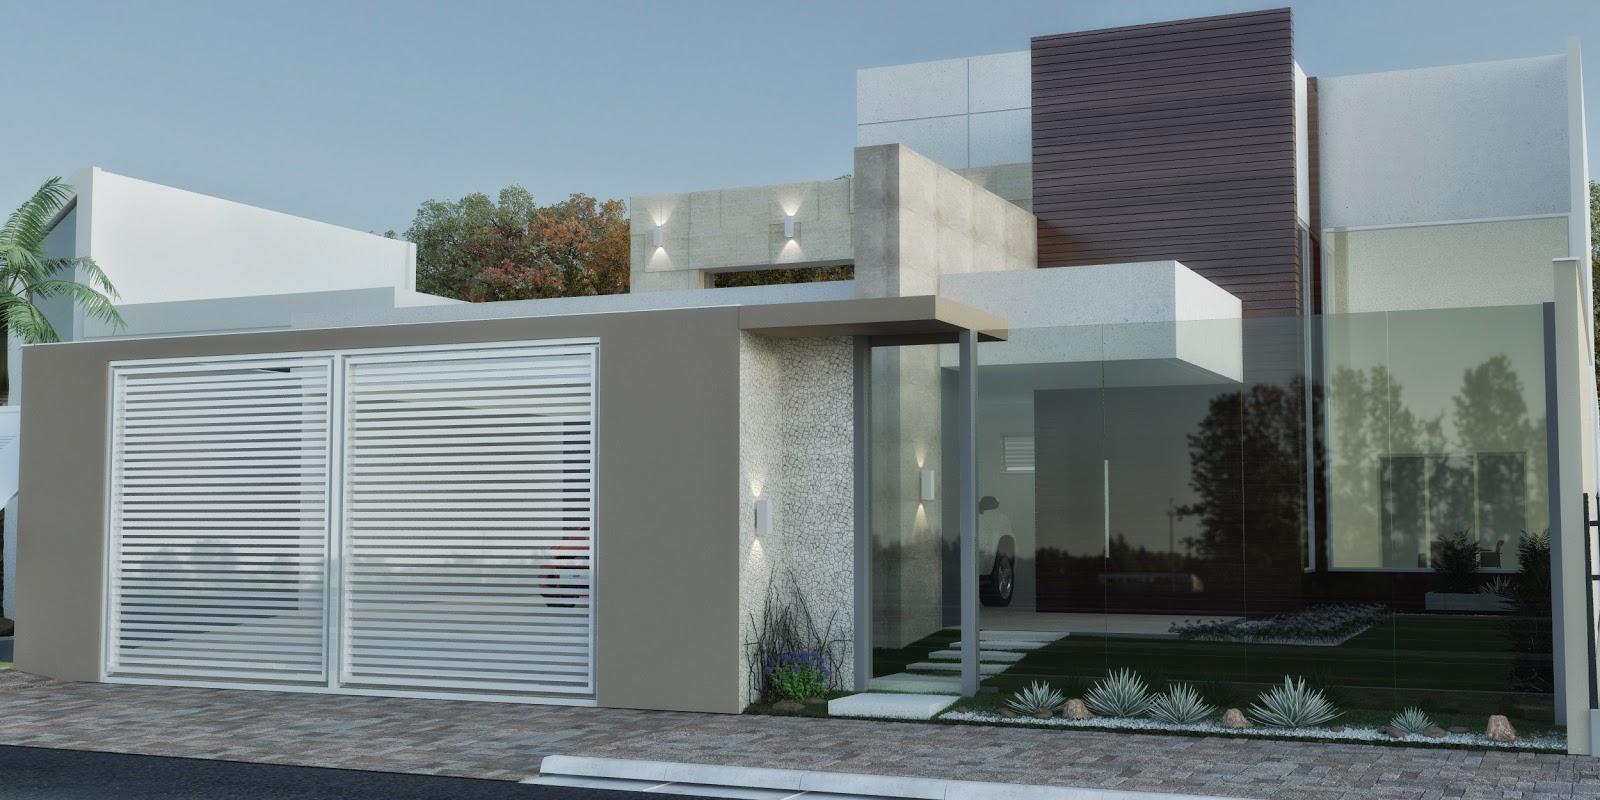 3dsul maquete eletr nica 3d projeto e fachada de casa for Casa moderno a